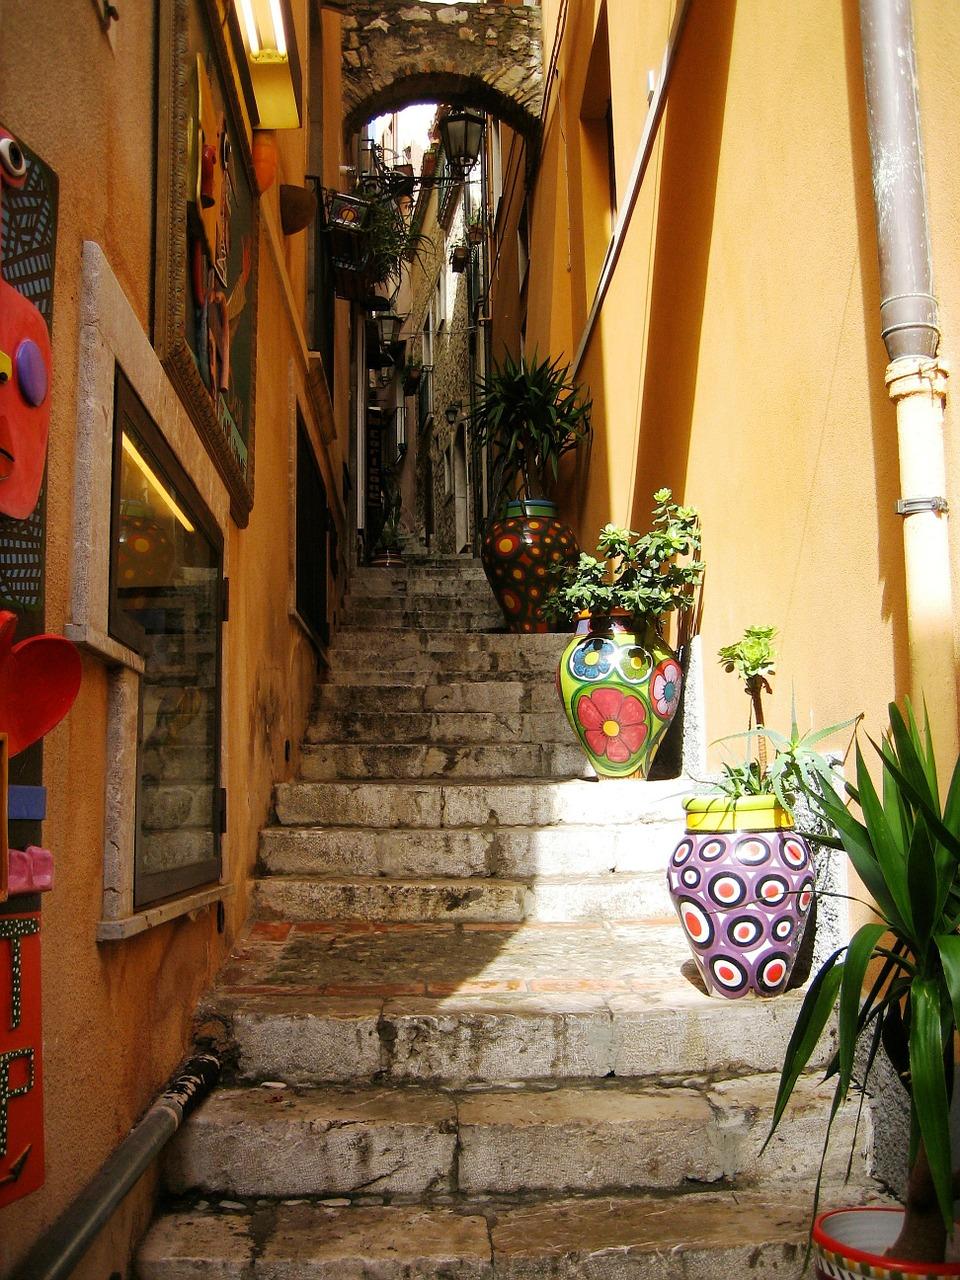 HOTELES EN TORREMOLINOS ESPAÑA: EL POZO HOTEL 4